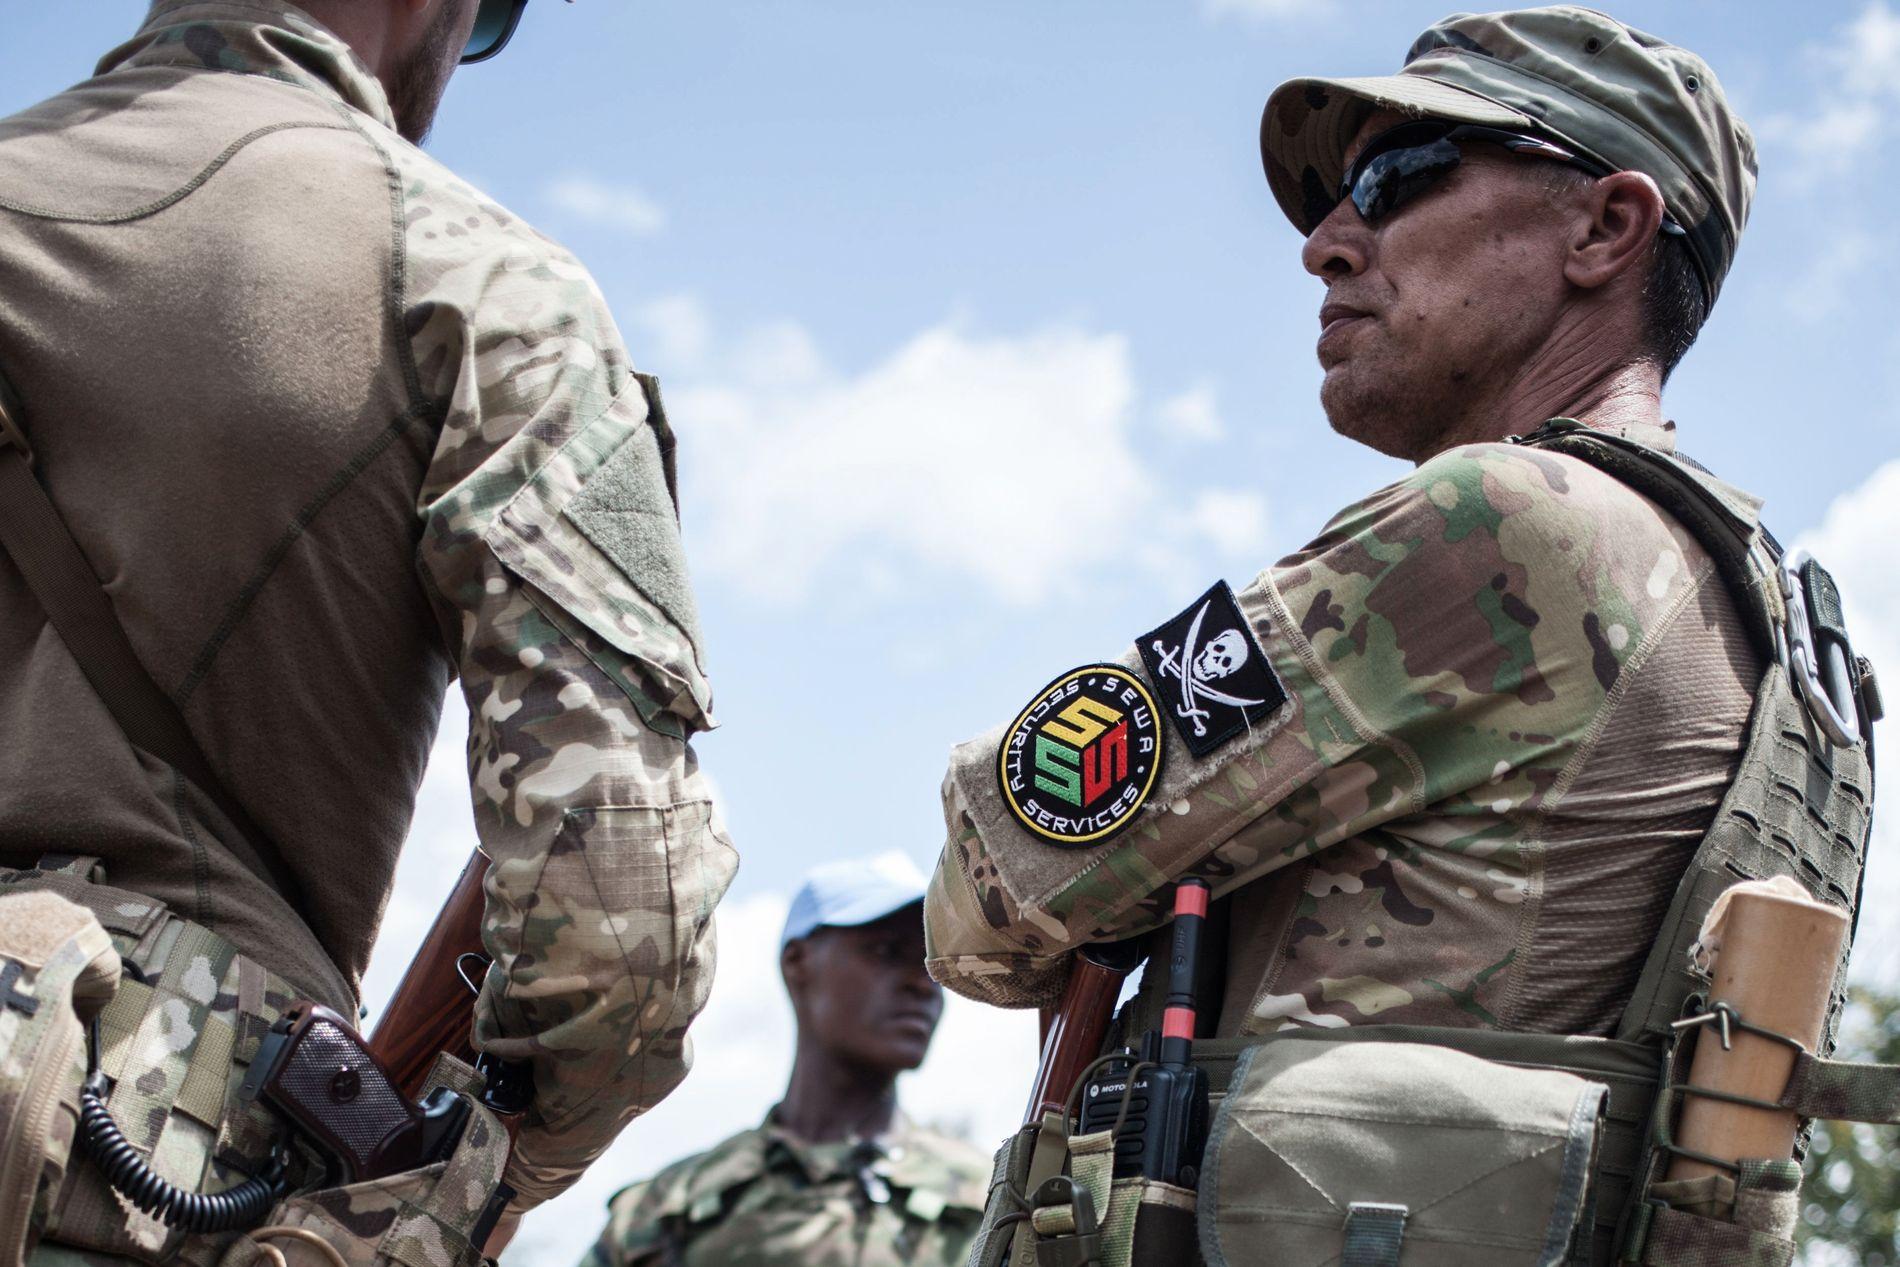 PRIVAT: En soldat fra det russiske militærselskapet Sewa fotografert i Den sentralafrikanske republikk.